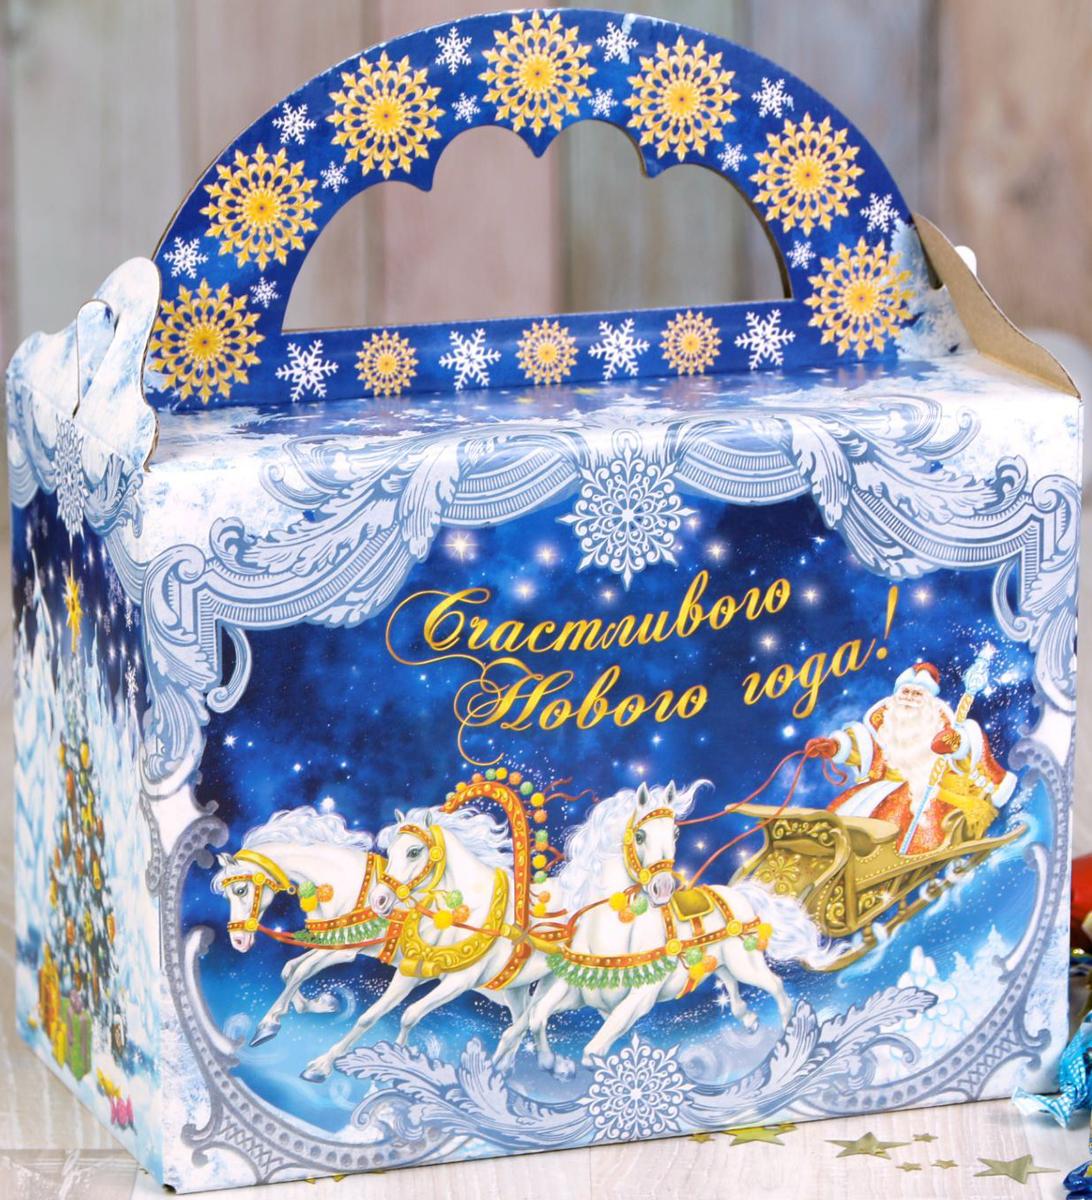 Коробка складная Дарите счастье Тройка Деда Мороза, 21 х 12 х 16 см2482947Любой подарок начинается с упаковки. Что может быть трогательнее и волшебнее, чем ритуал разворачивания полученного презента. И именно оригинальная, со вкусом выбранная упаковка выделит ваш подарок из массы других. Она продемонстрирует самые теплые чувства к виновнику торжества и создаст сказочную атмосферу праздника.